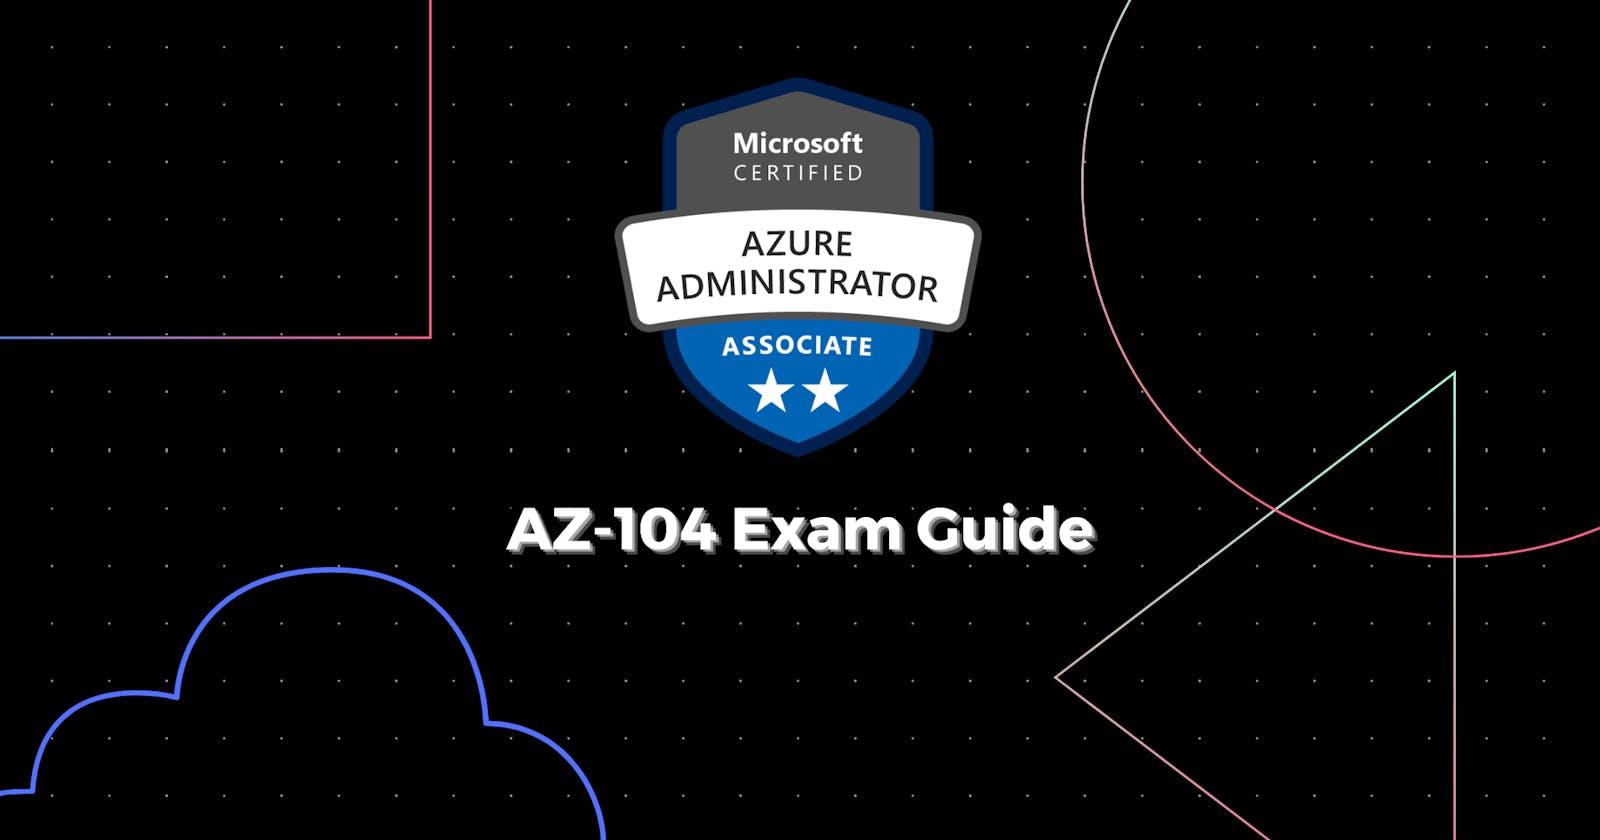 AZ-104 Study Guide: Azure Administrator